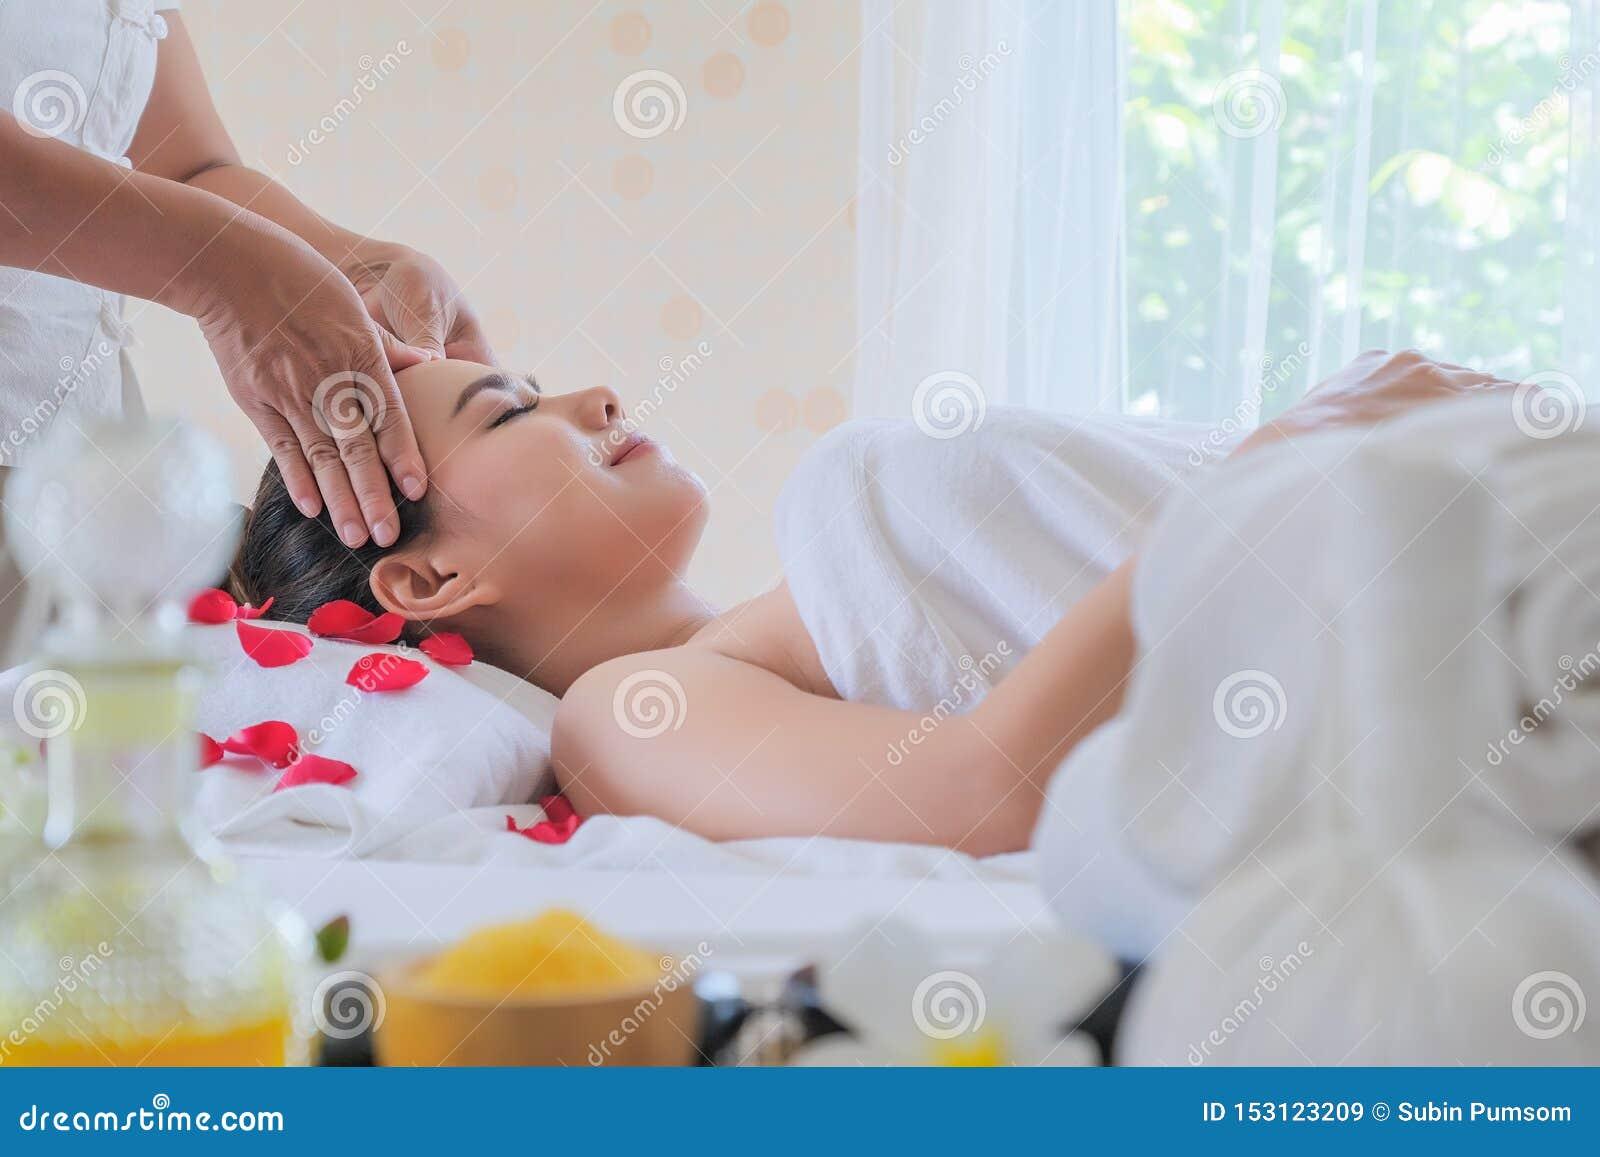 Κλείστε επάνω τις γυναίκες προσώπου στην του προσώπου επεξεργασία SPA το δωμάτιο πολυτέλειας γυναικών χαλαρώνουν και η συναισθημα